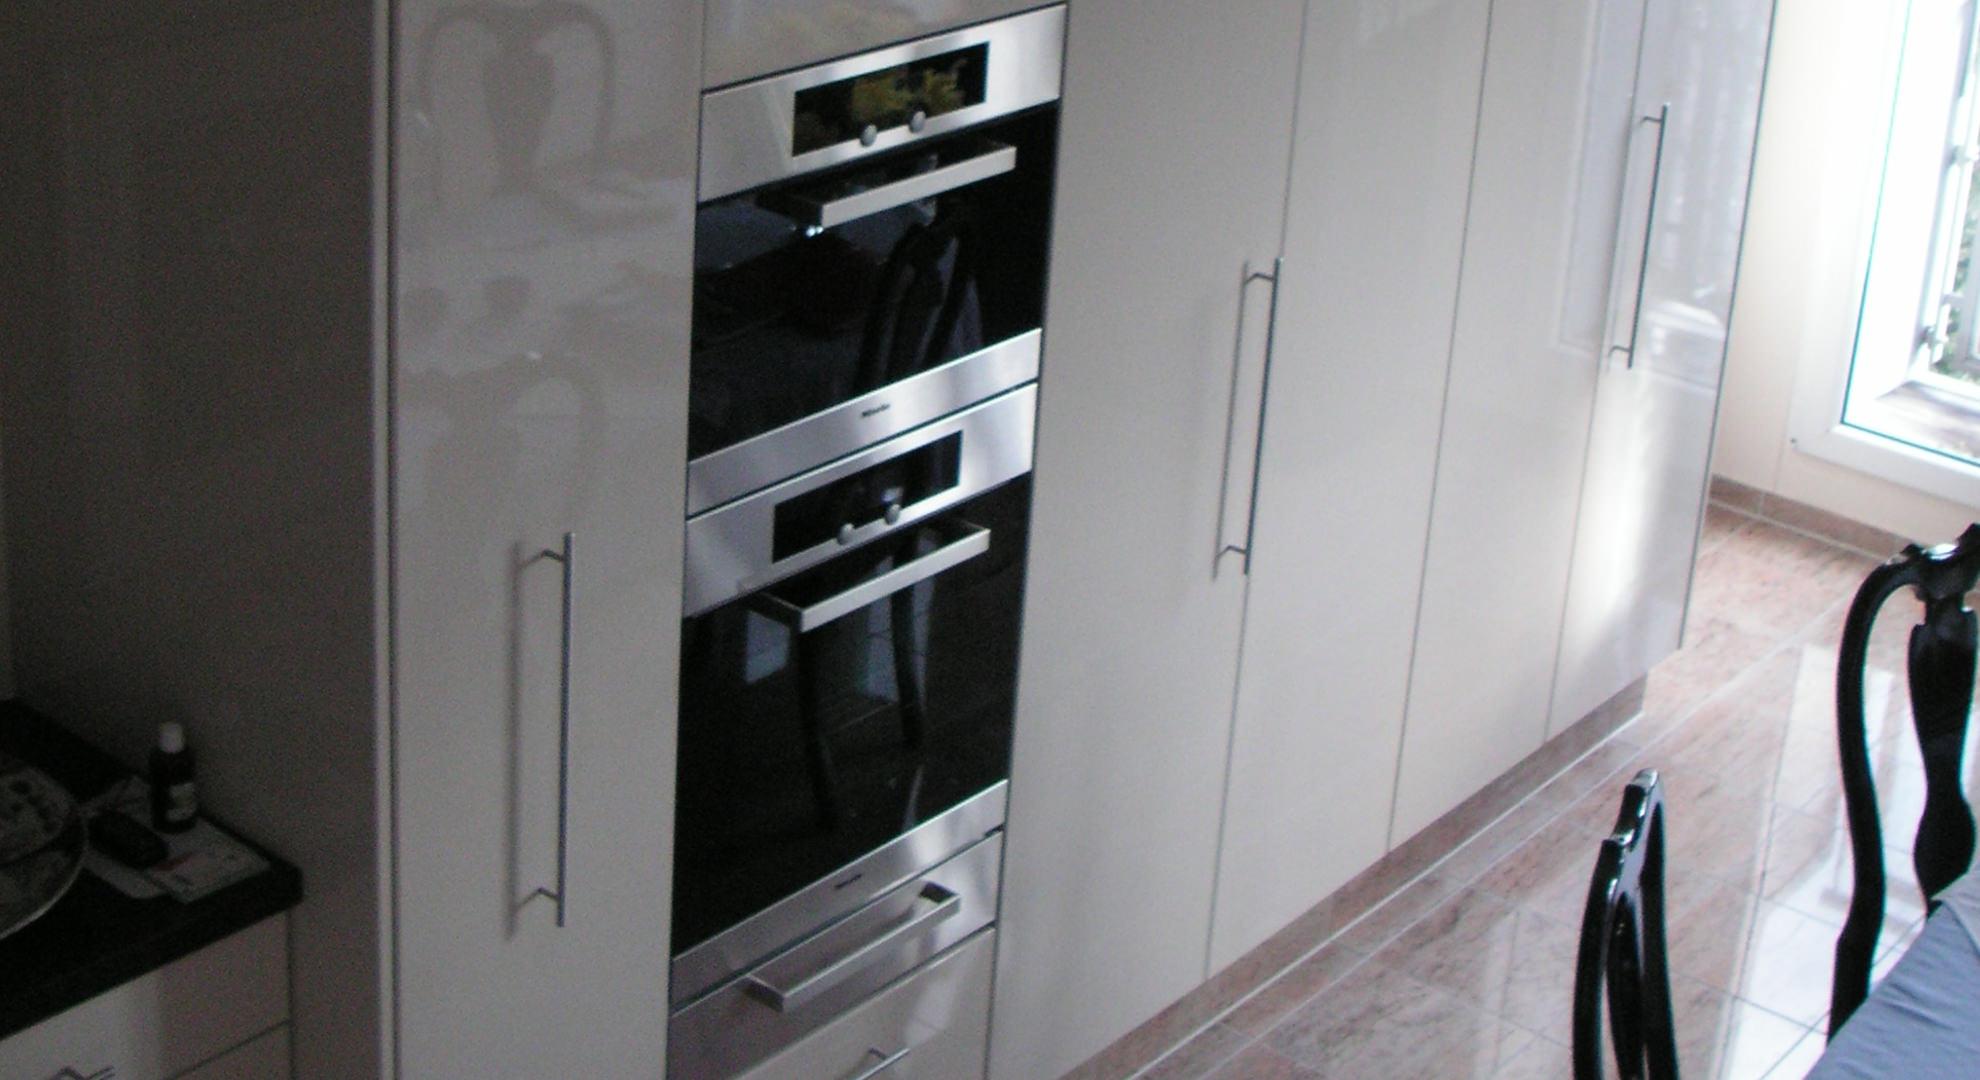 Küchenschrank mit Geräten und verdeckter Arbeitsplatte hinter Falttüren